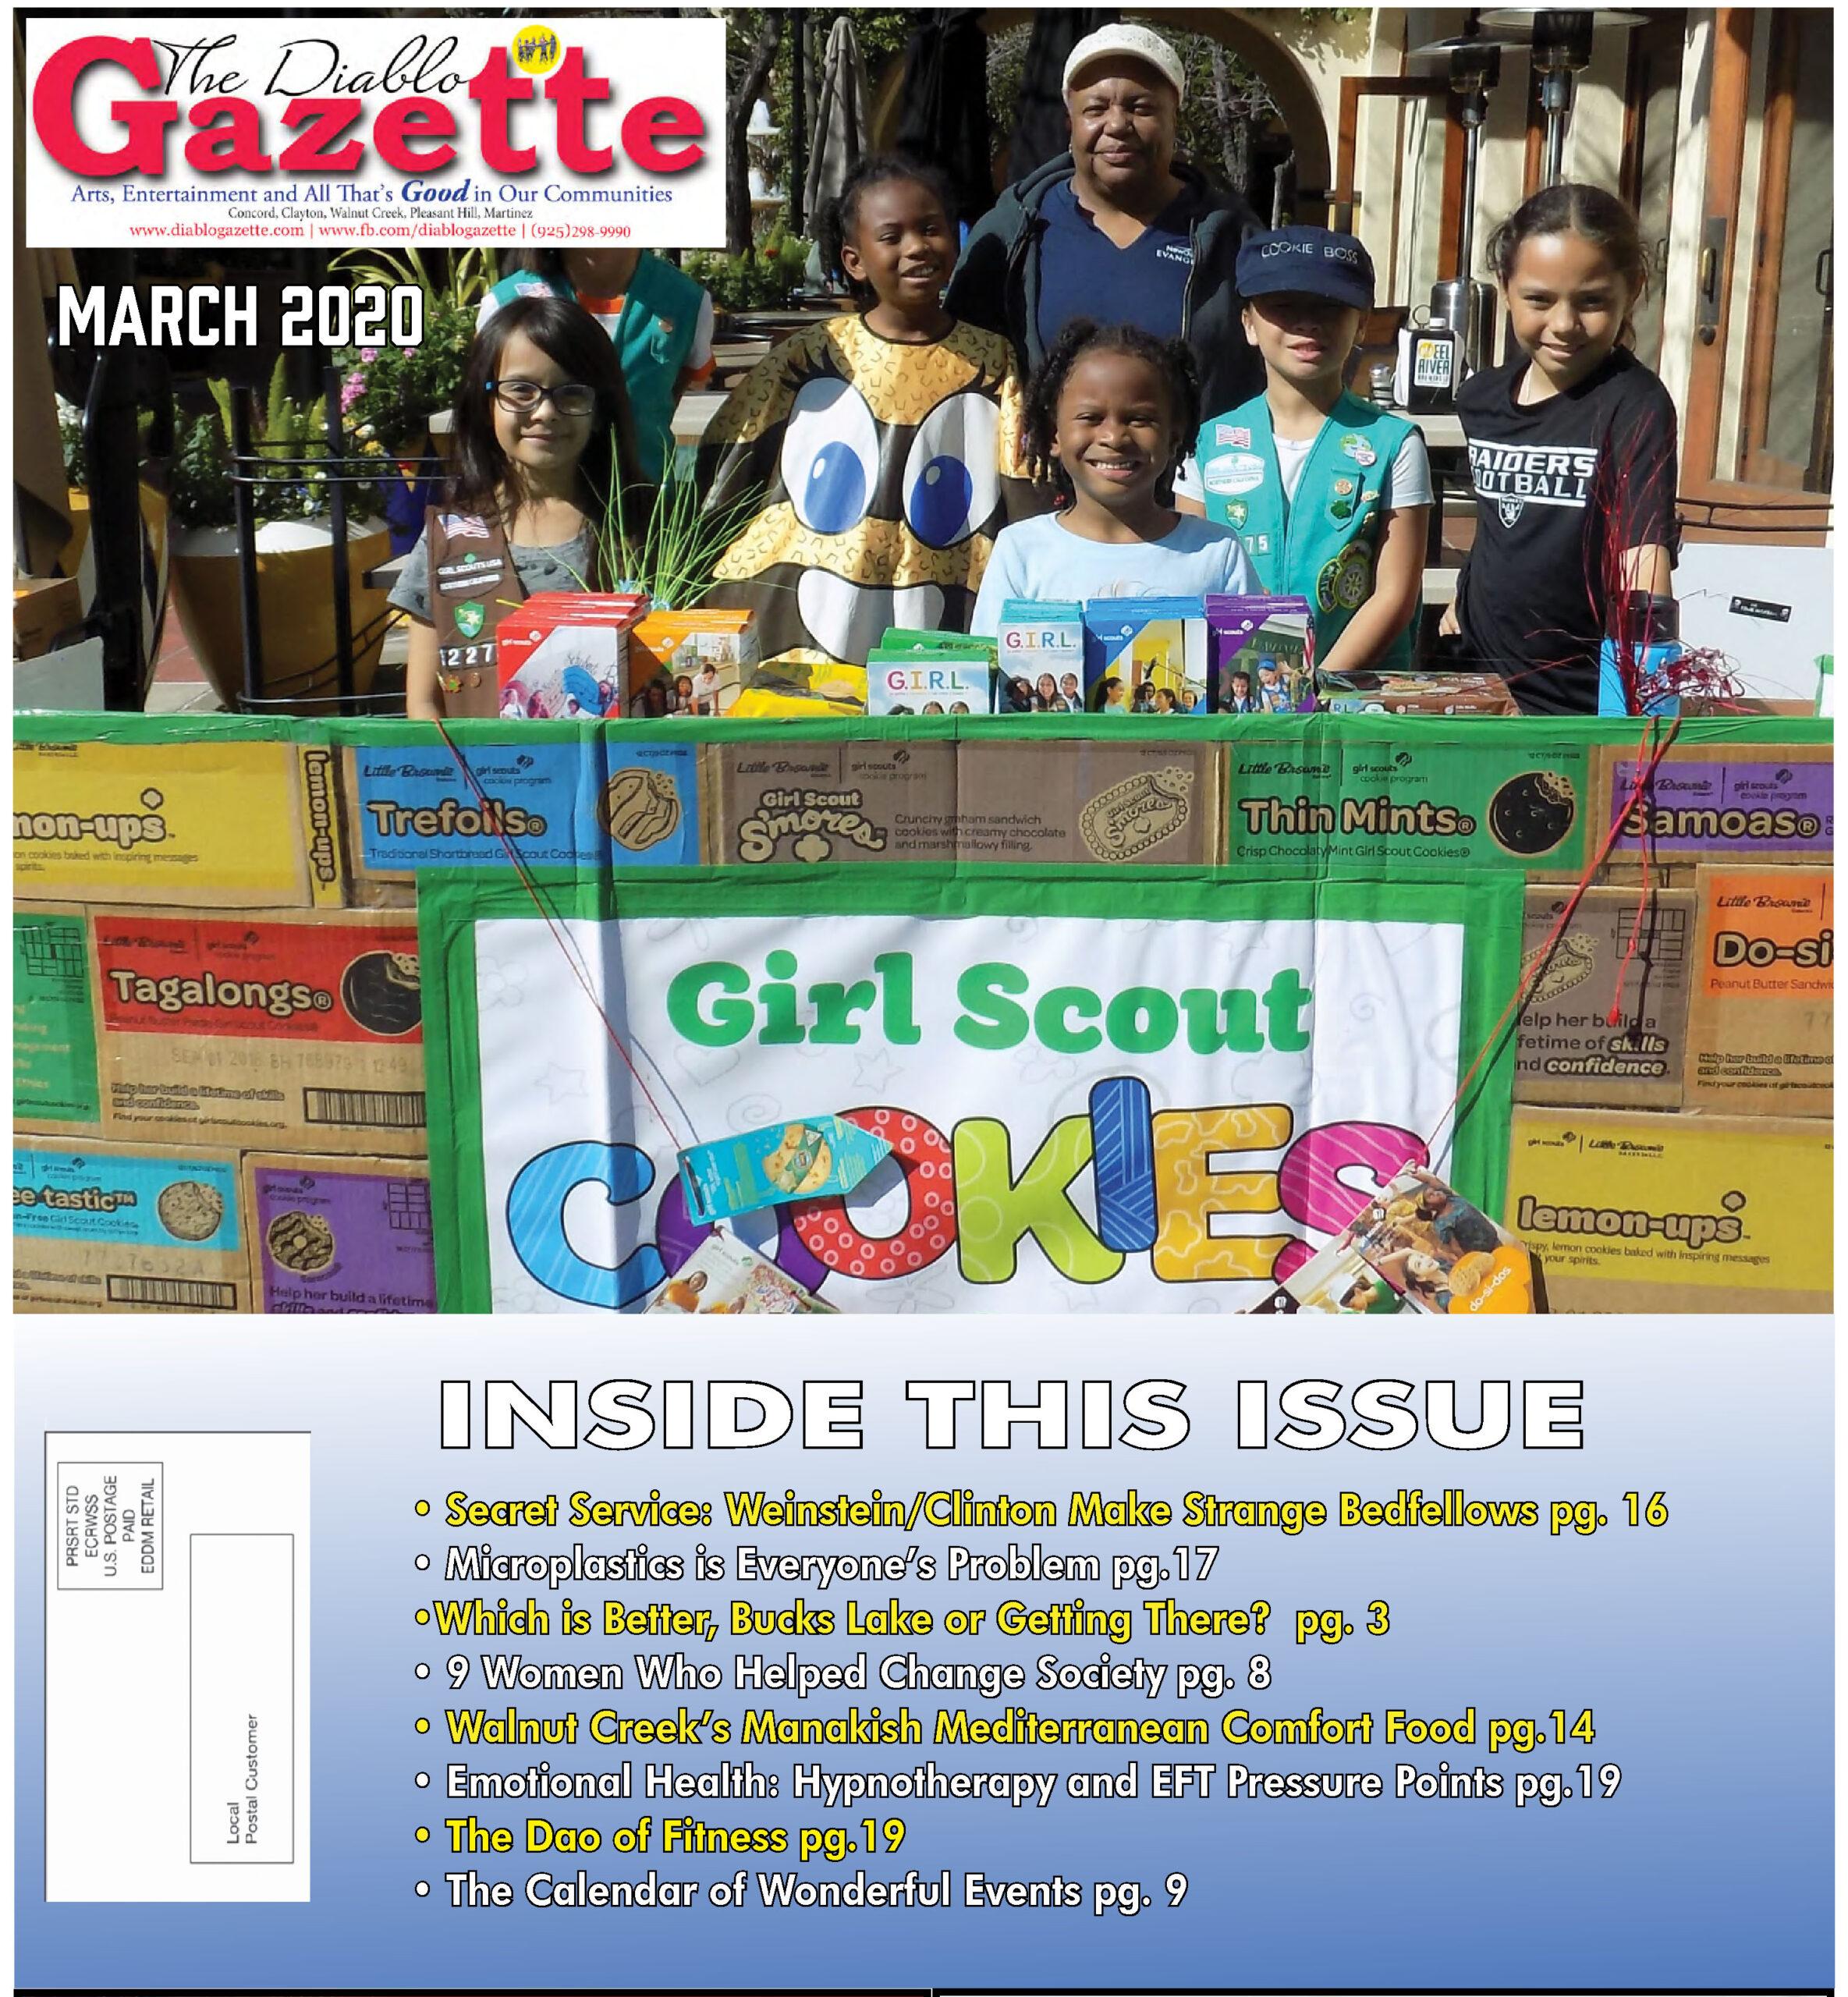 Diablo Gazette March 2020